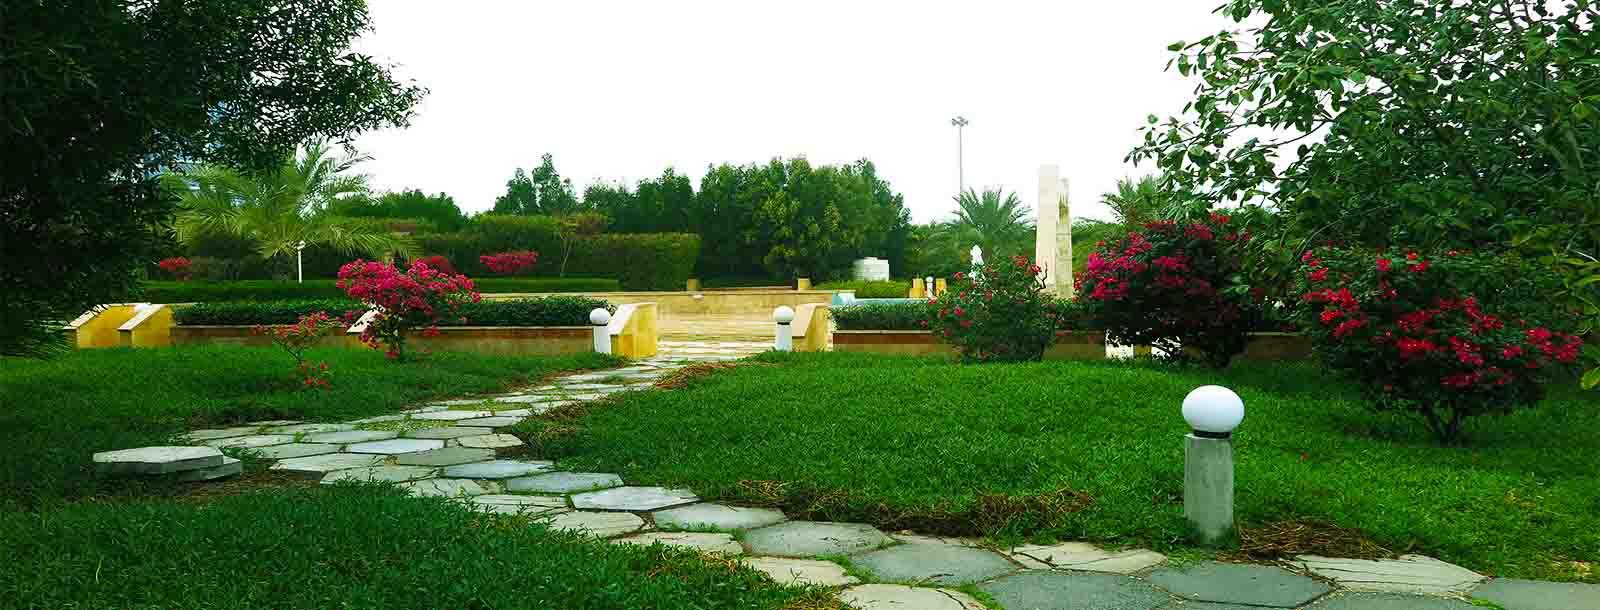 سبز پارک